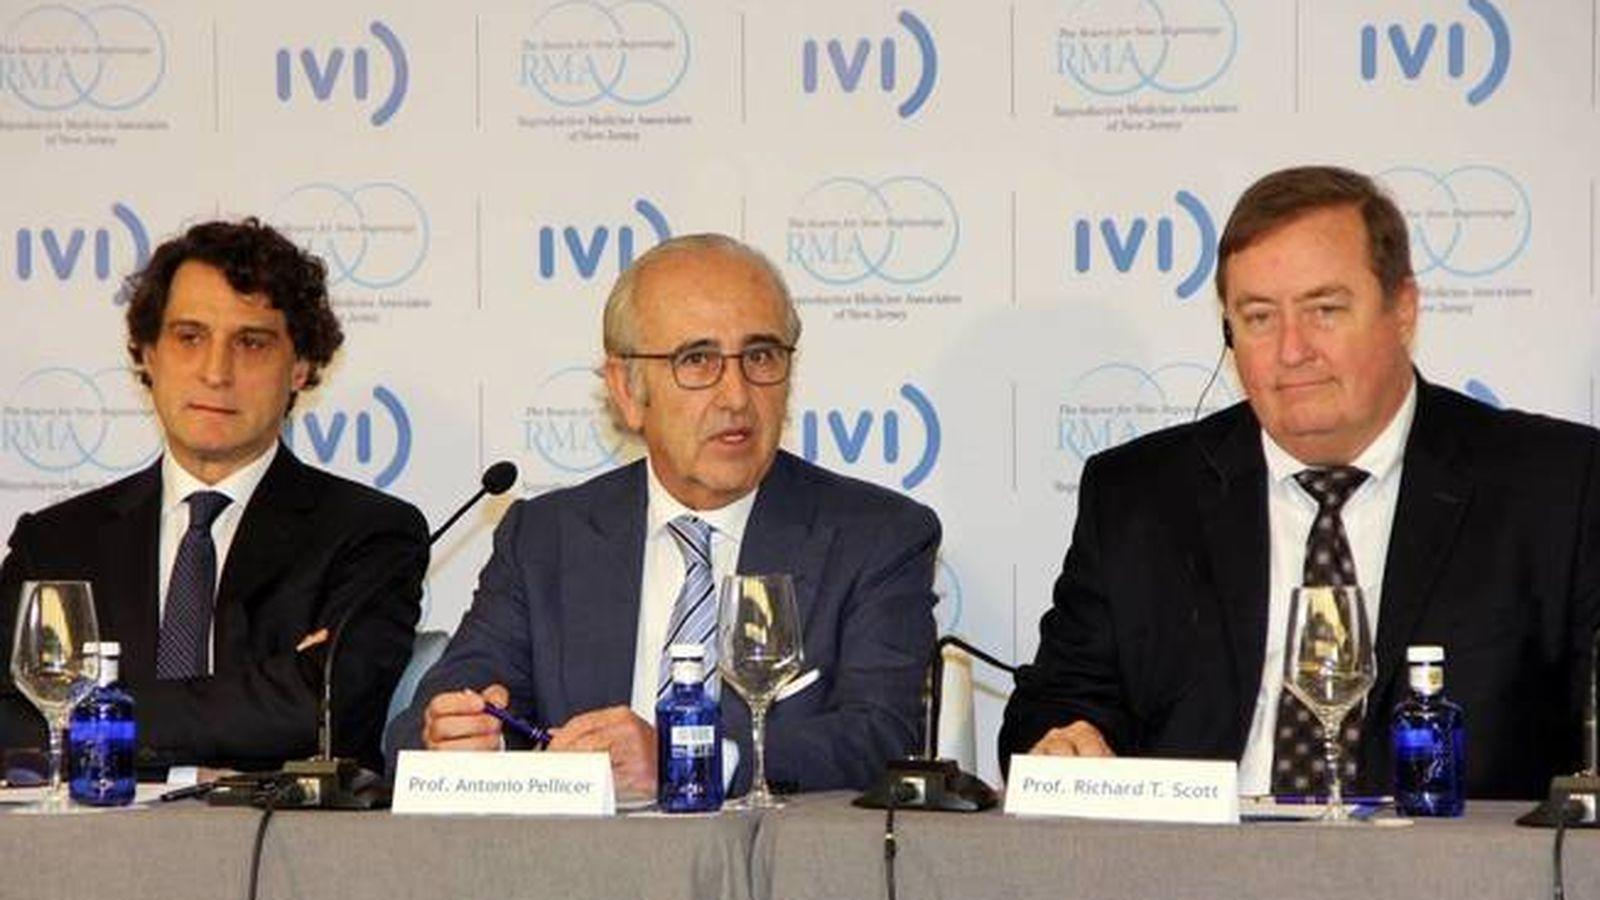 Foto: Los fundadores del IVI RMA (Remohí y Pellicer) y el CEO del grupo, Richard Scott.